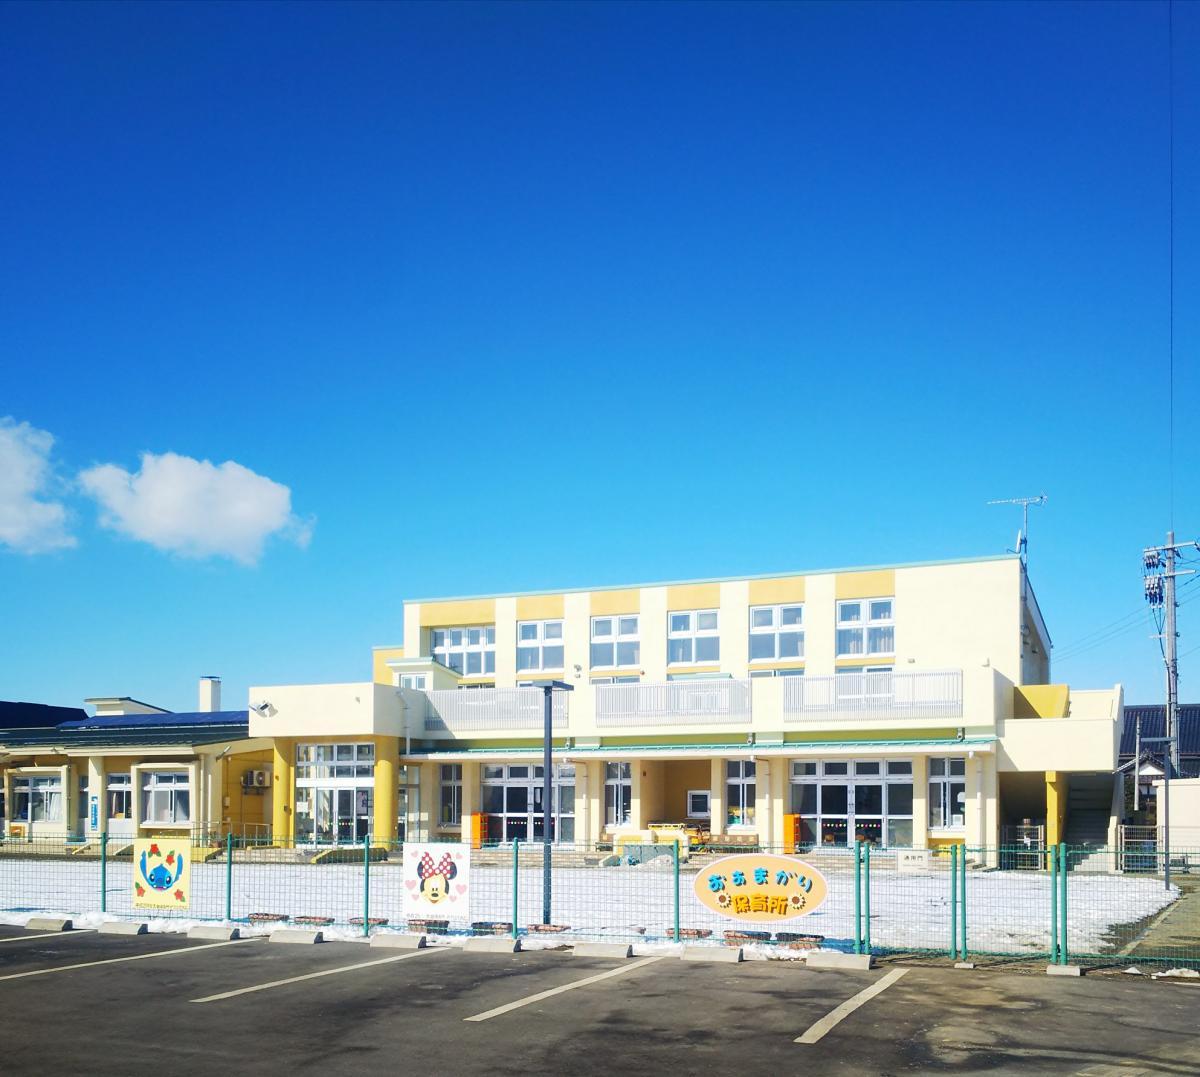 市 天気 松島 東 日本習字松島教室の天気予報と服装 天気の時間